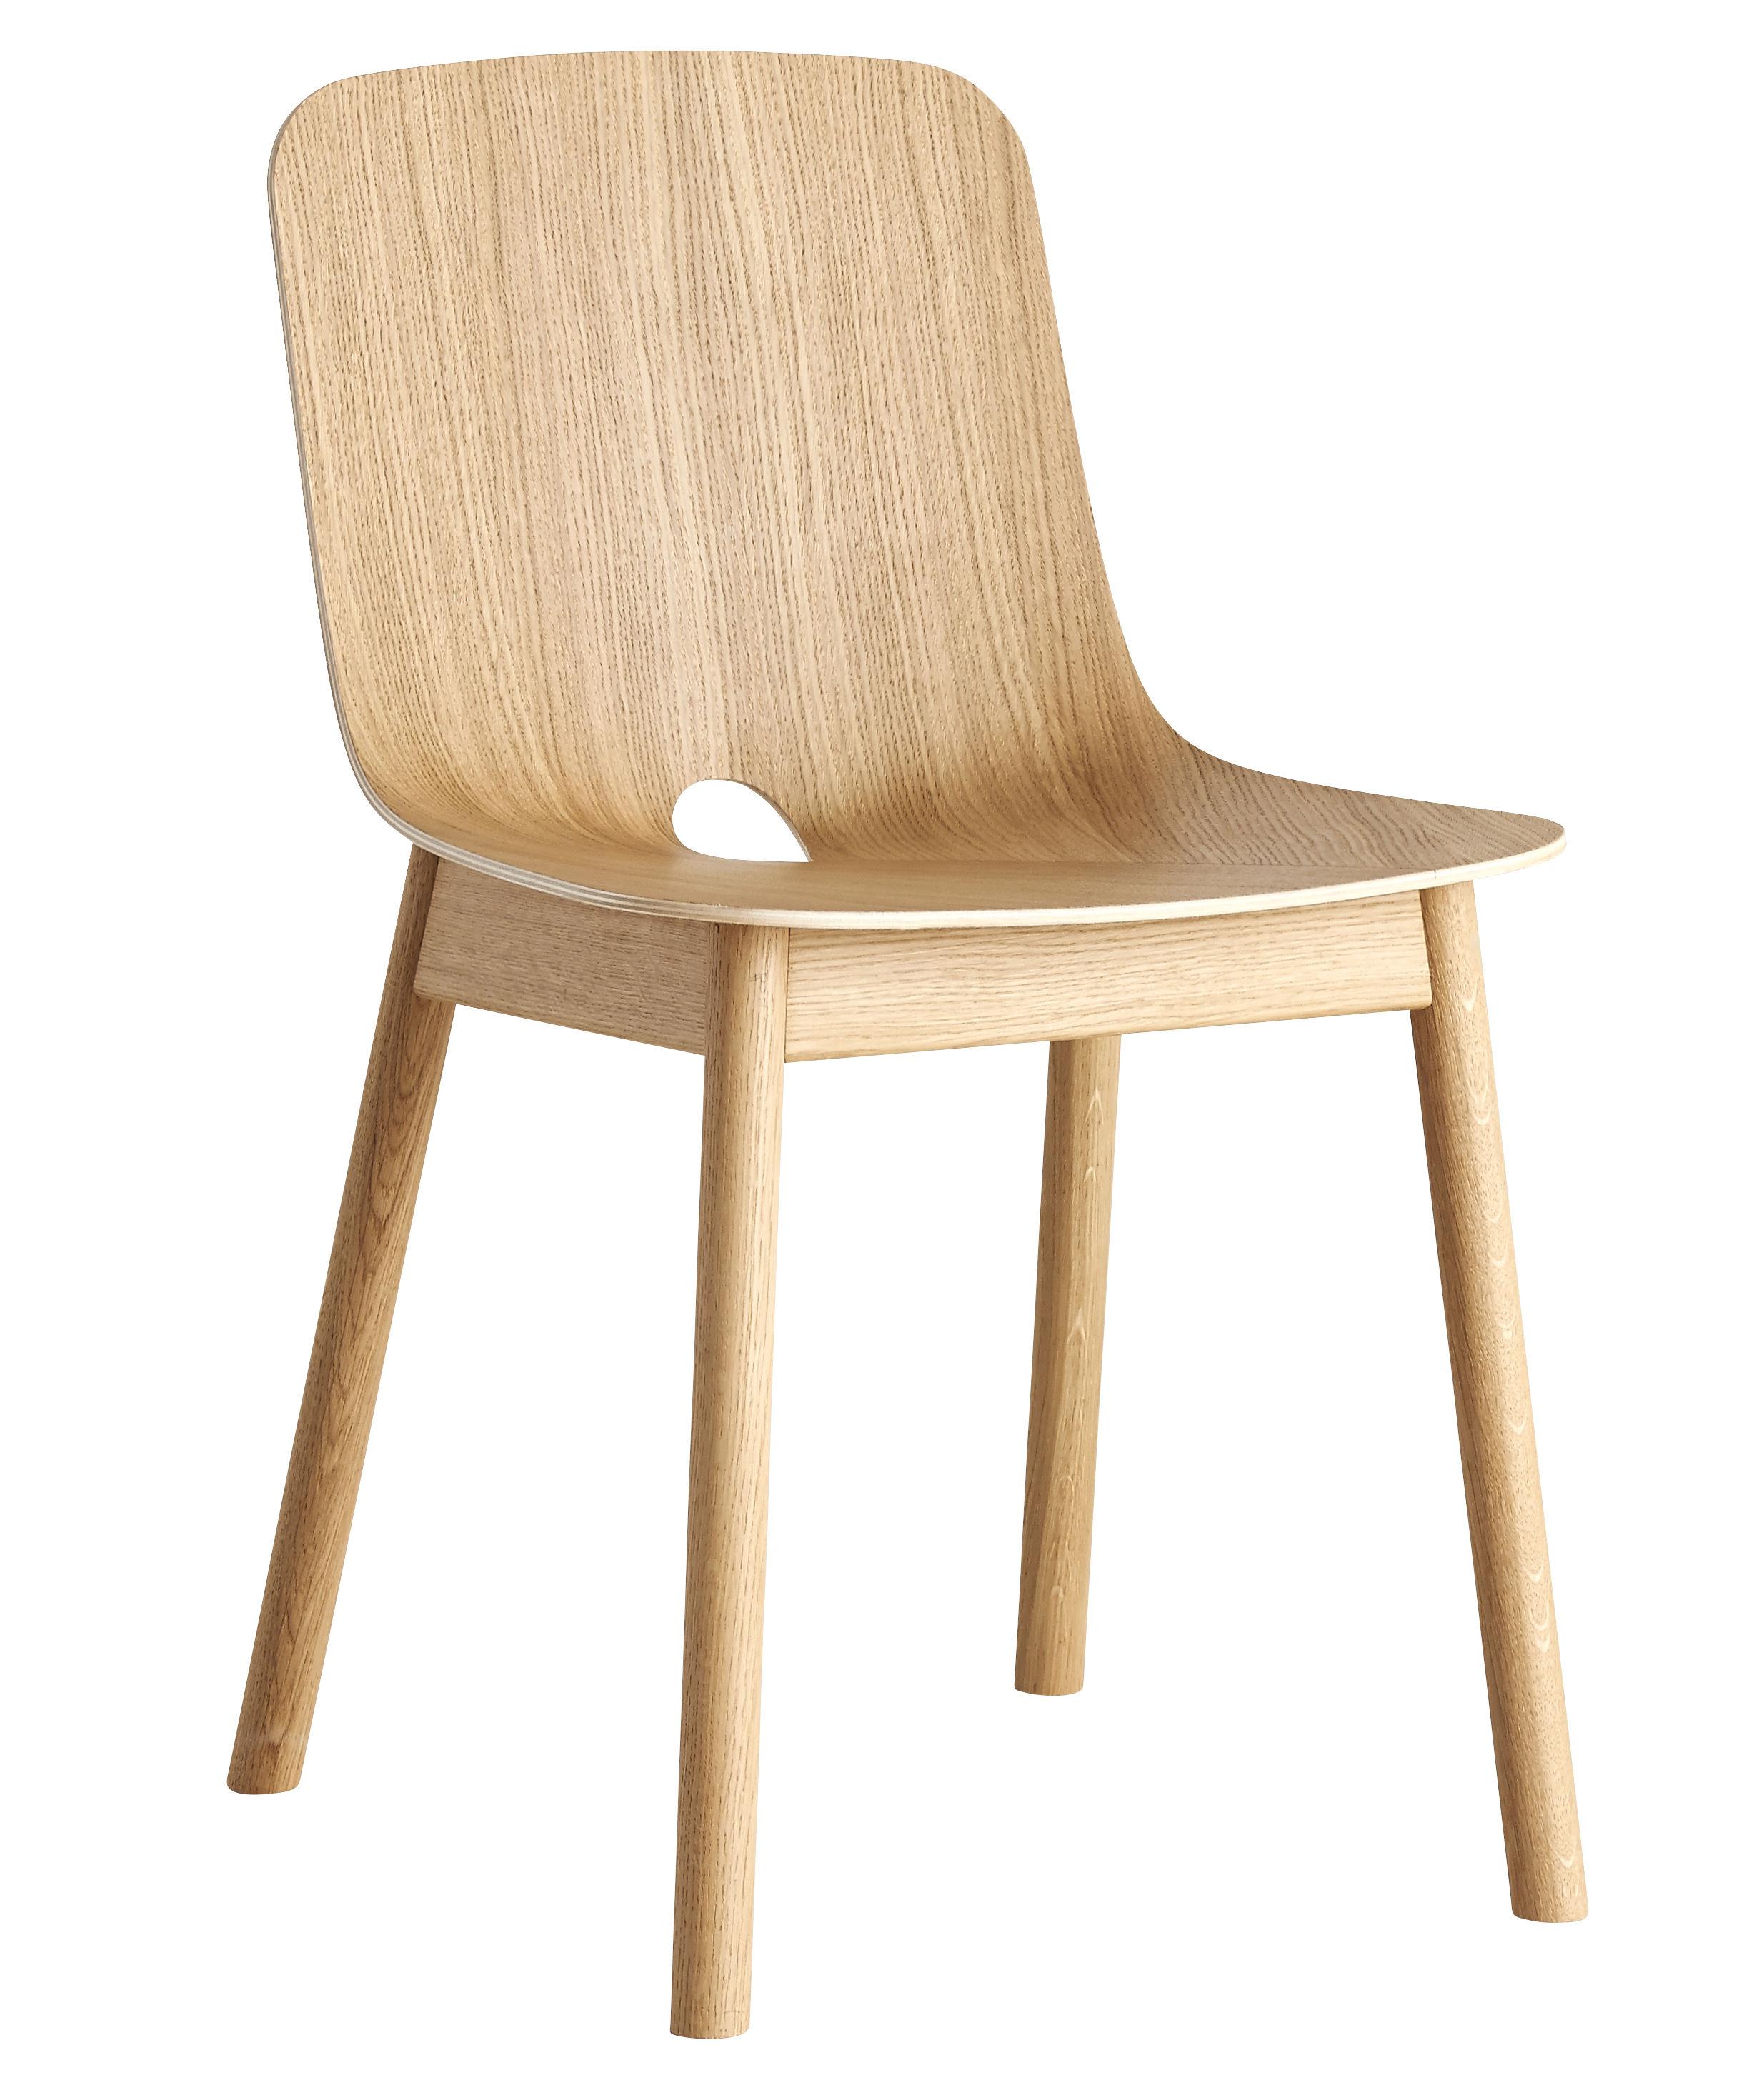 Mobilier - Chaises, fauteuils de salle à manger - Chaise Mono / Chêne - Woud - Chêne - Chêne massif, Contreplaqué de chêne